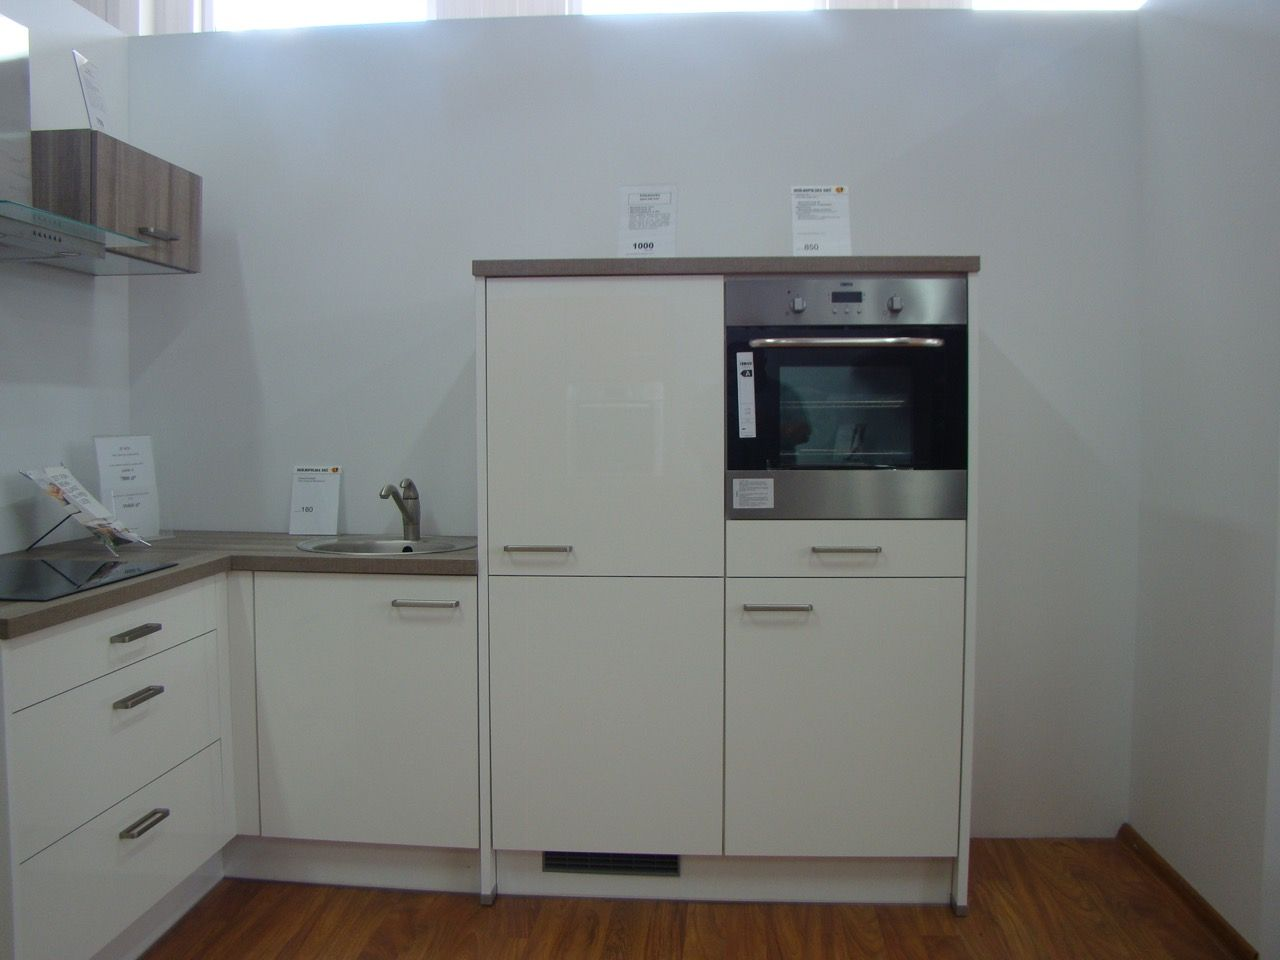 Meble Kuchenne Impuls 6367872438 Oficjalne Archiwum Allegro Kitchen Cabinets Decor Home